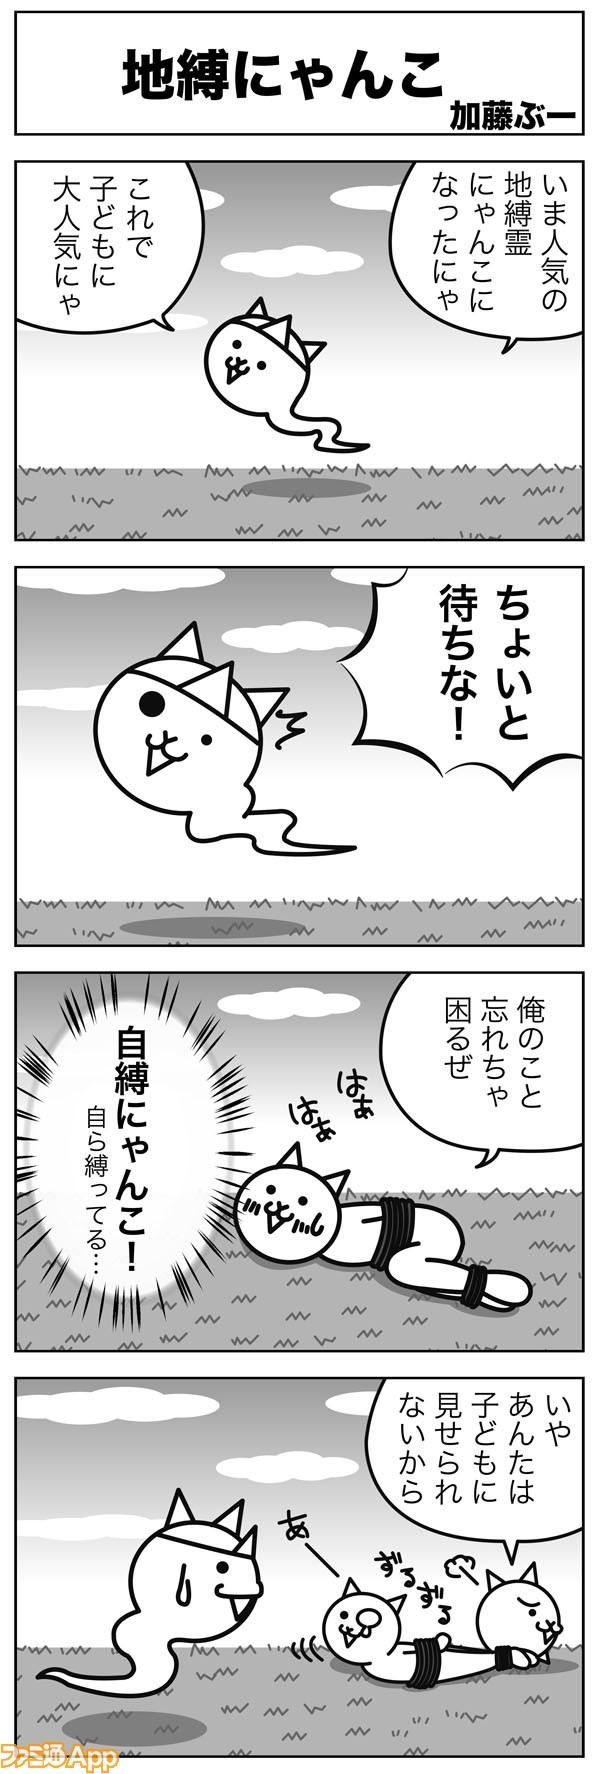 04kato_079